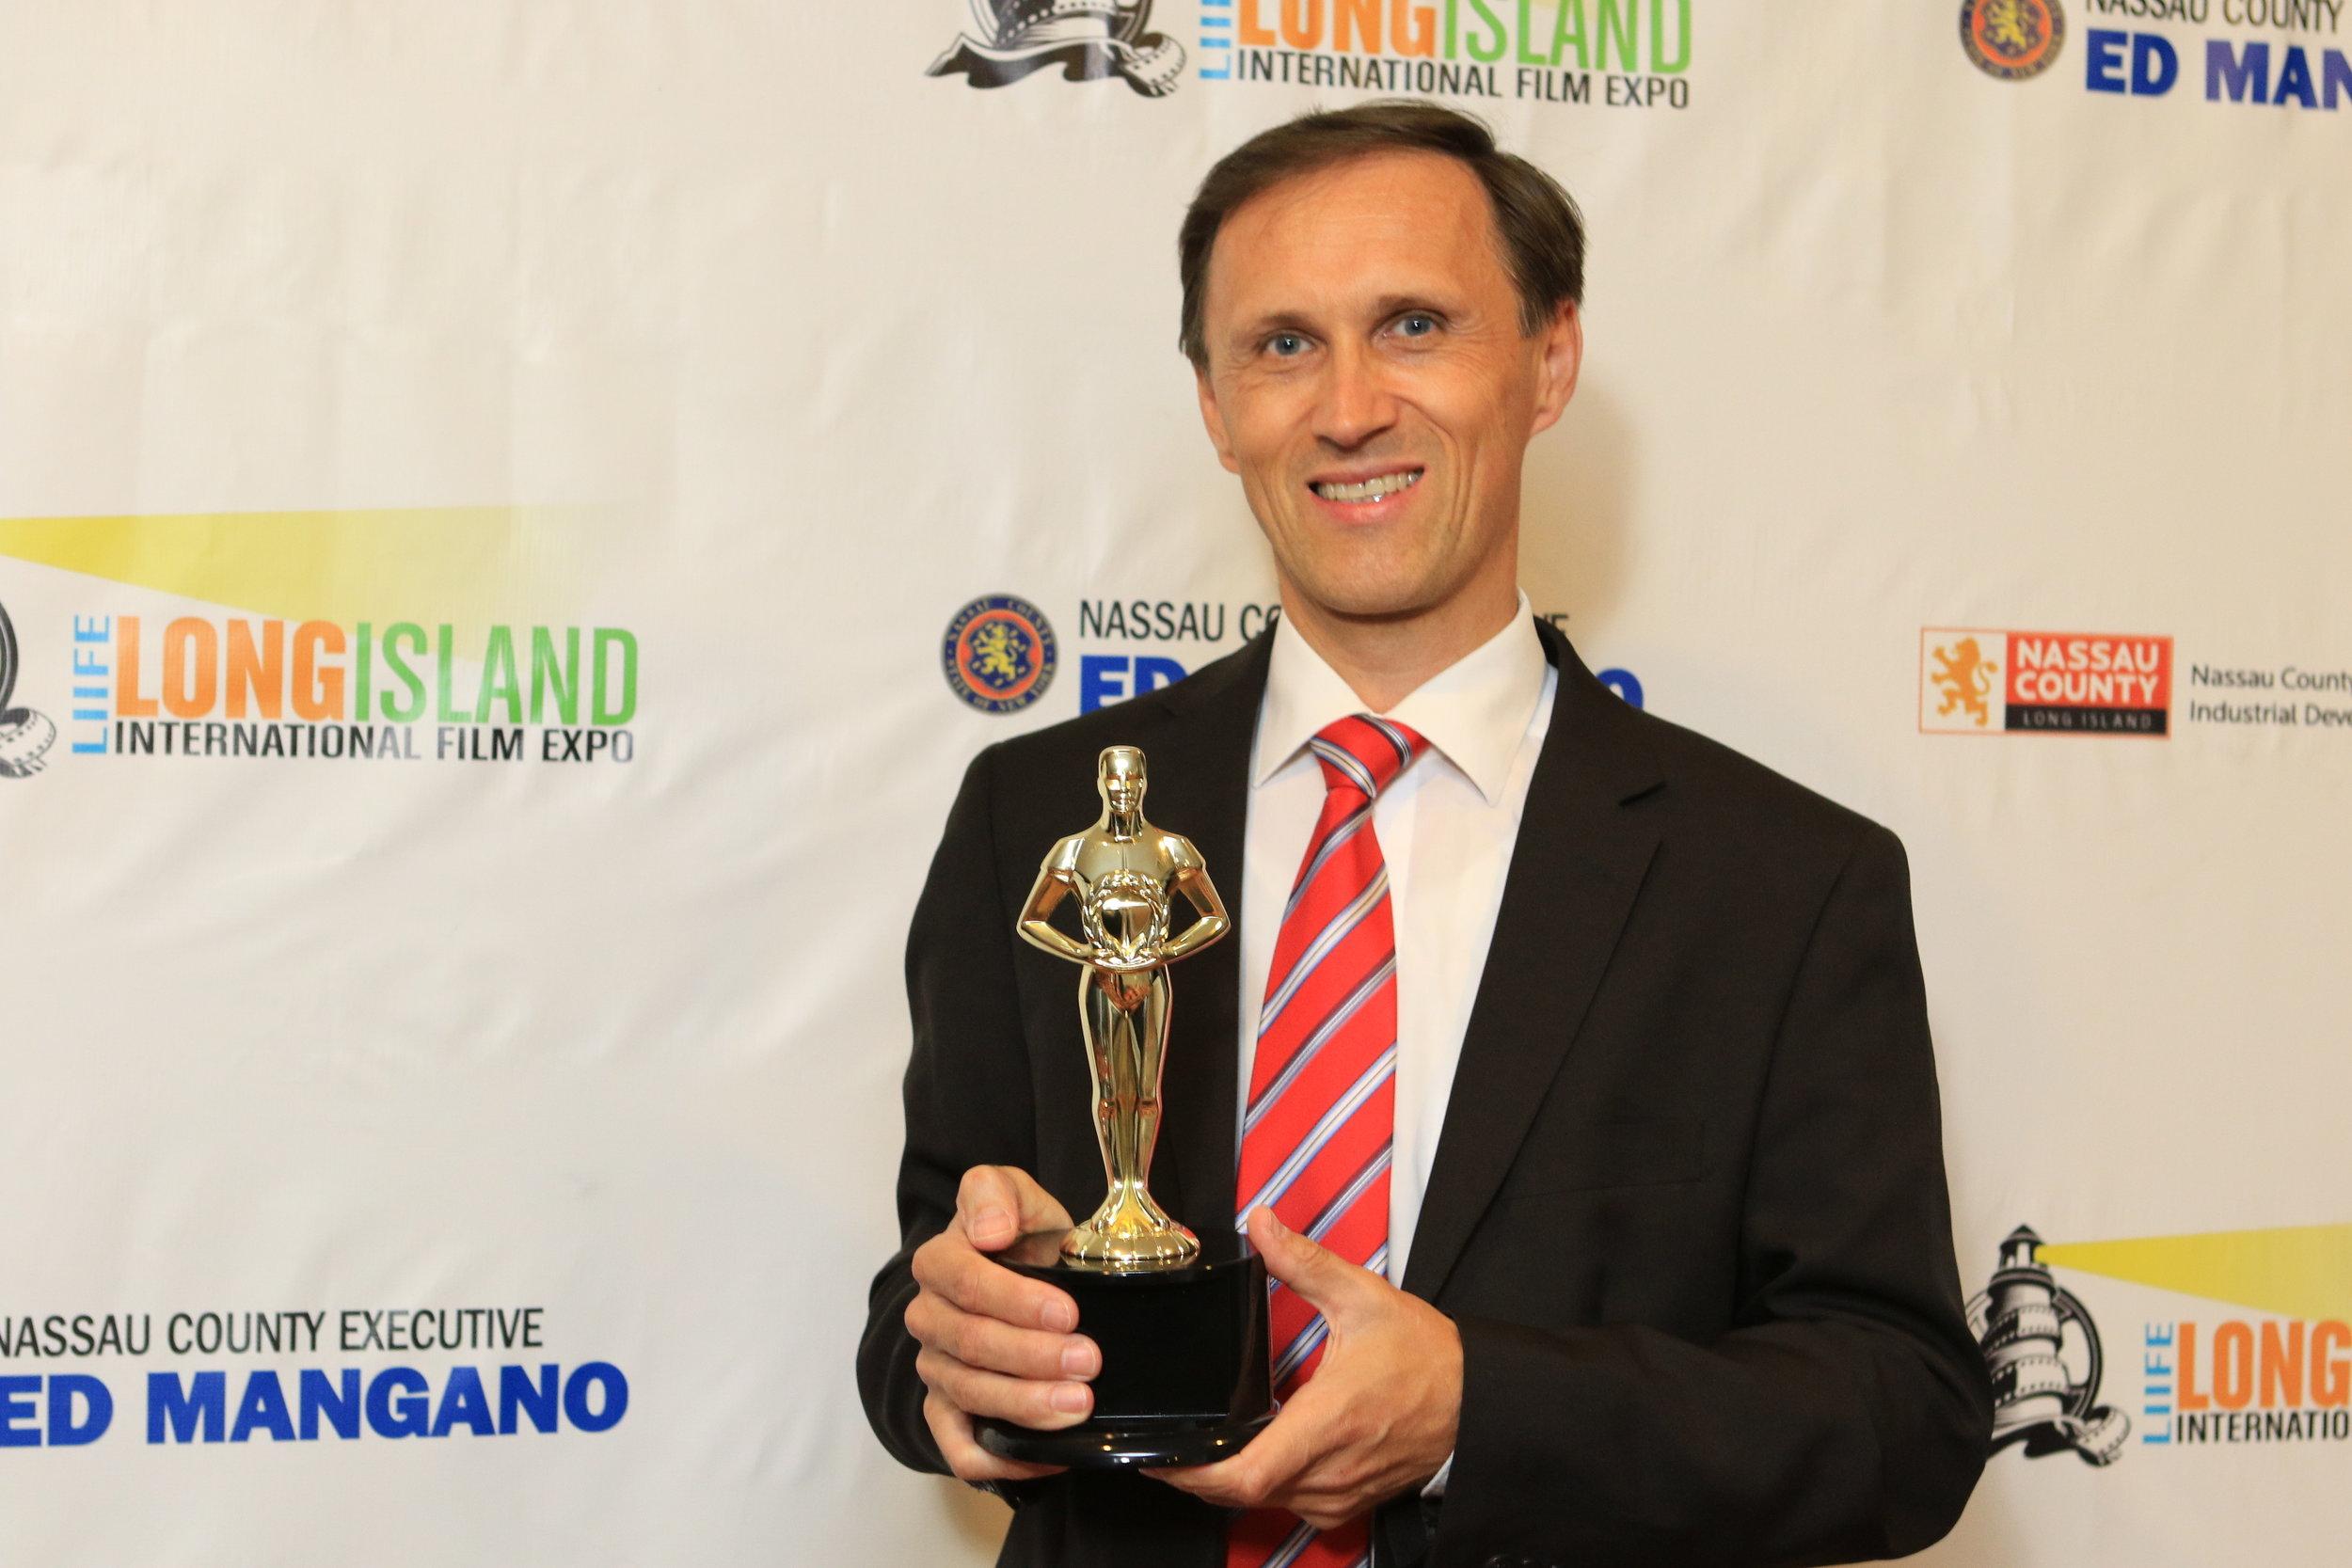 TTS_Rammerstorfer_Award_NY_3.JPG